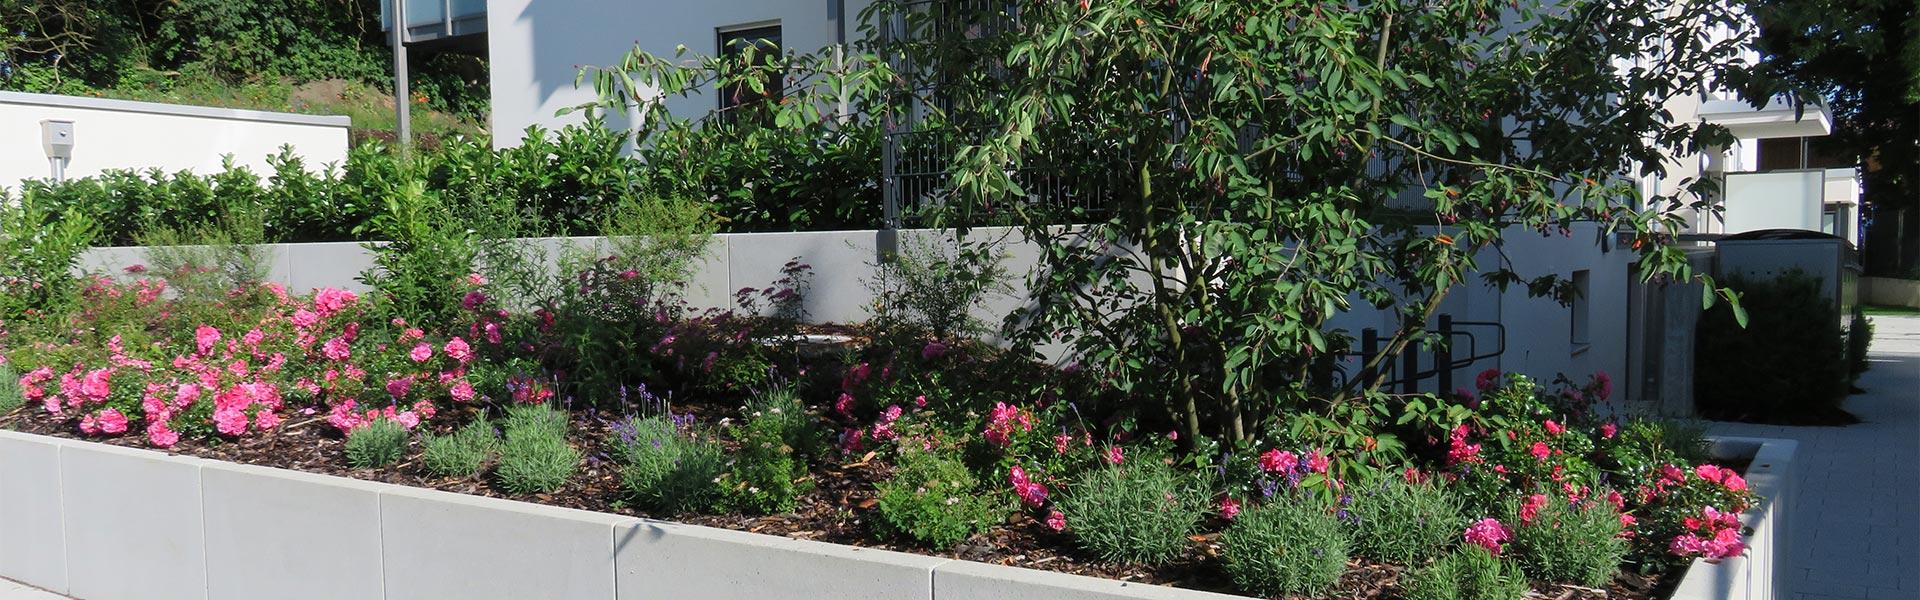 Gestaltung von Gärten und öffentlichen Plätzen